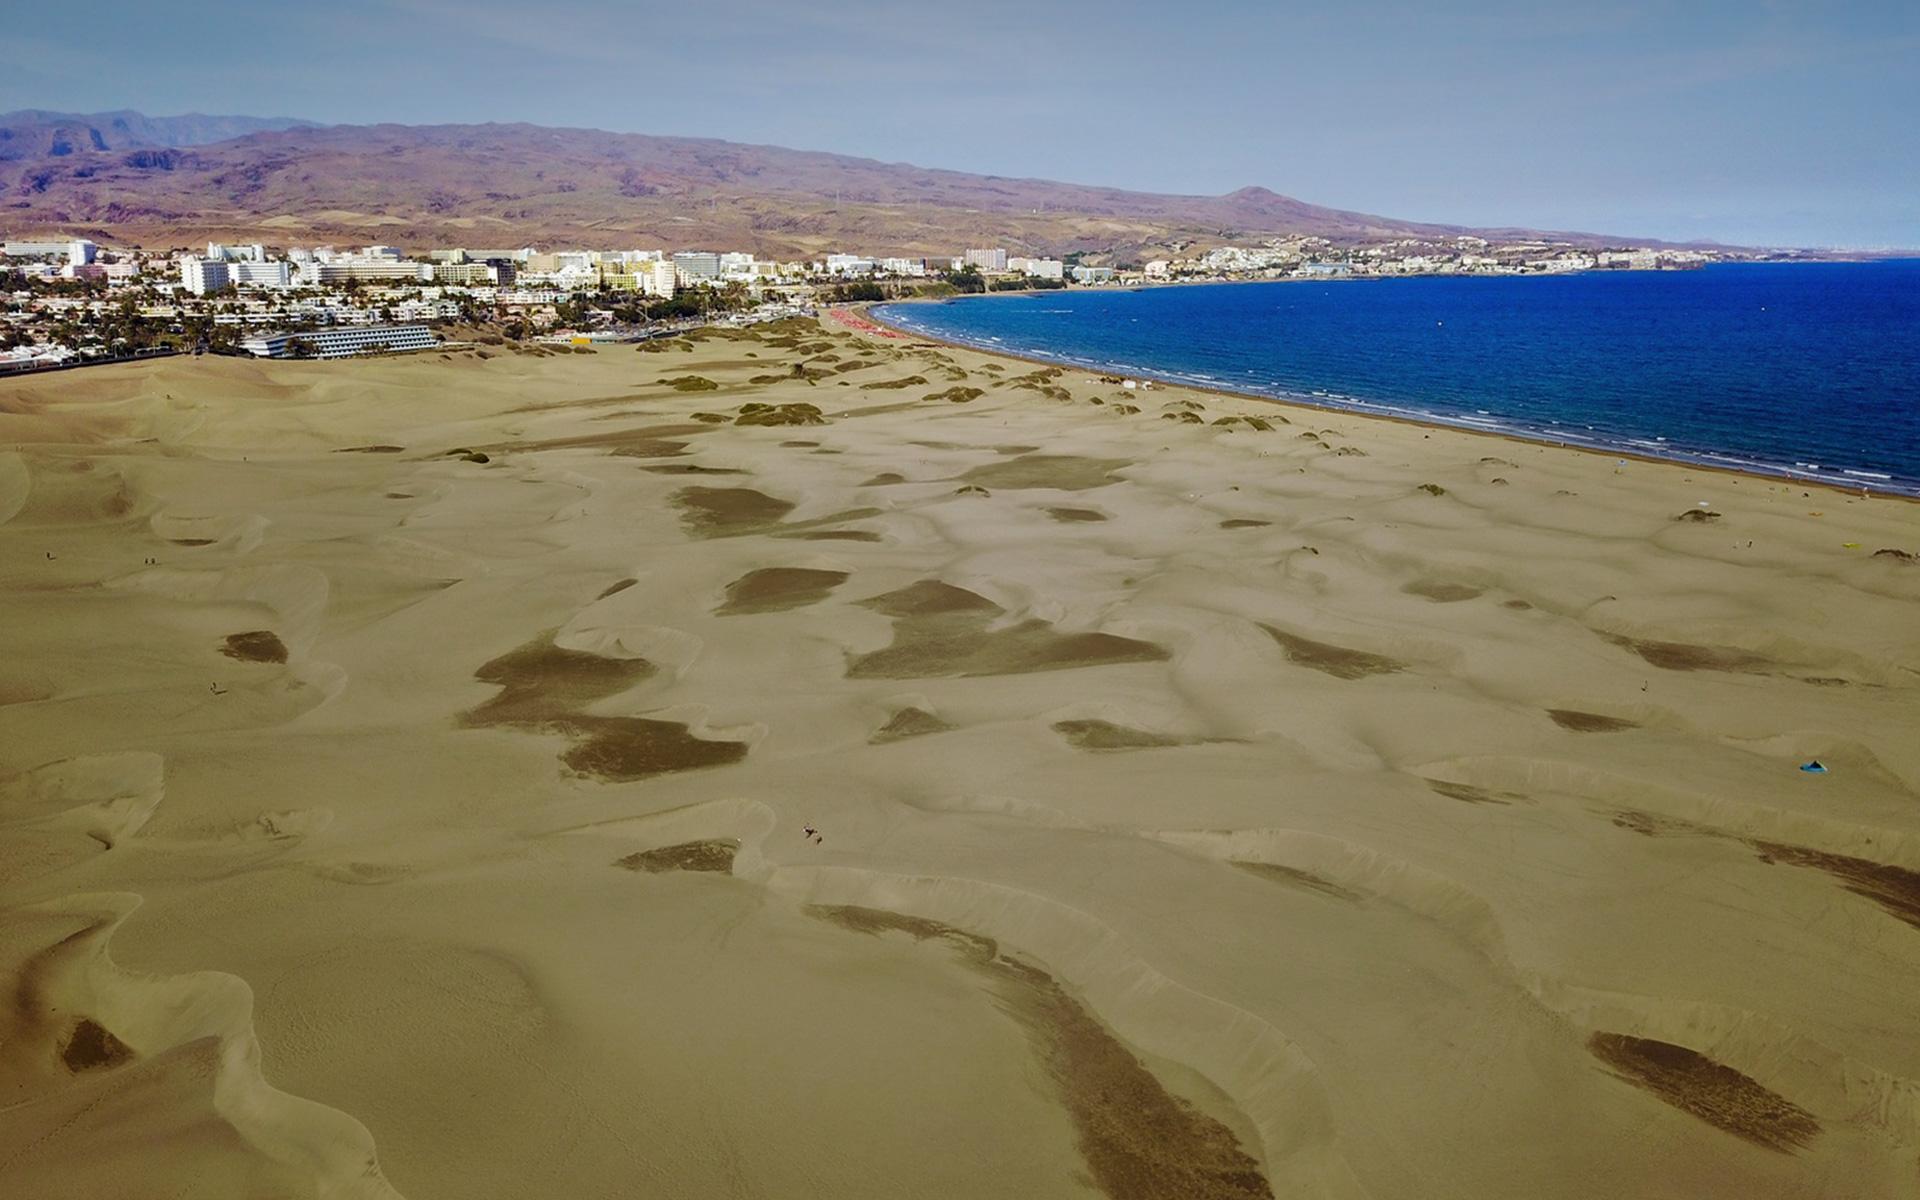 Willkommen auf Gran Canaria